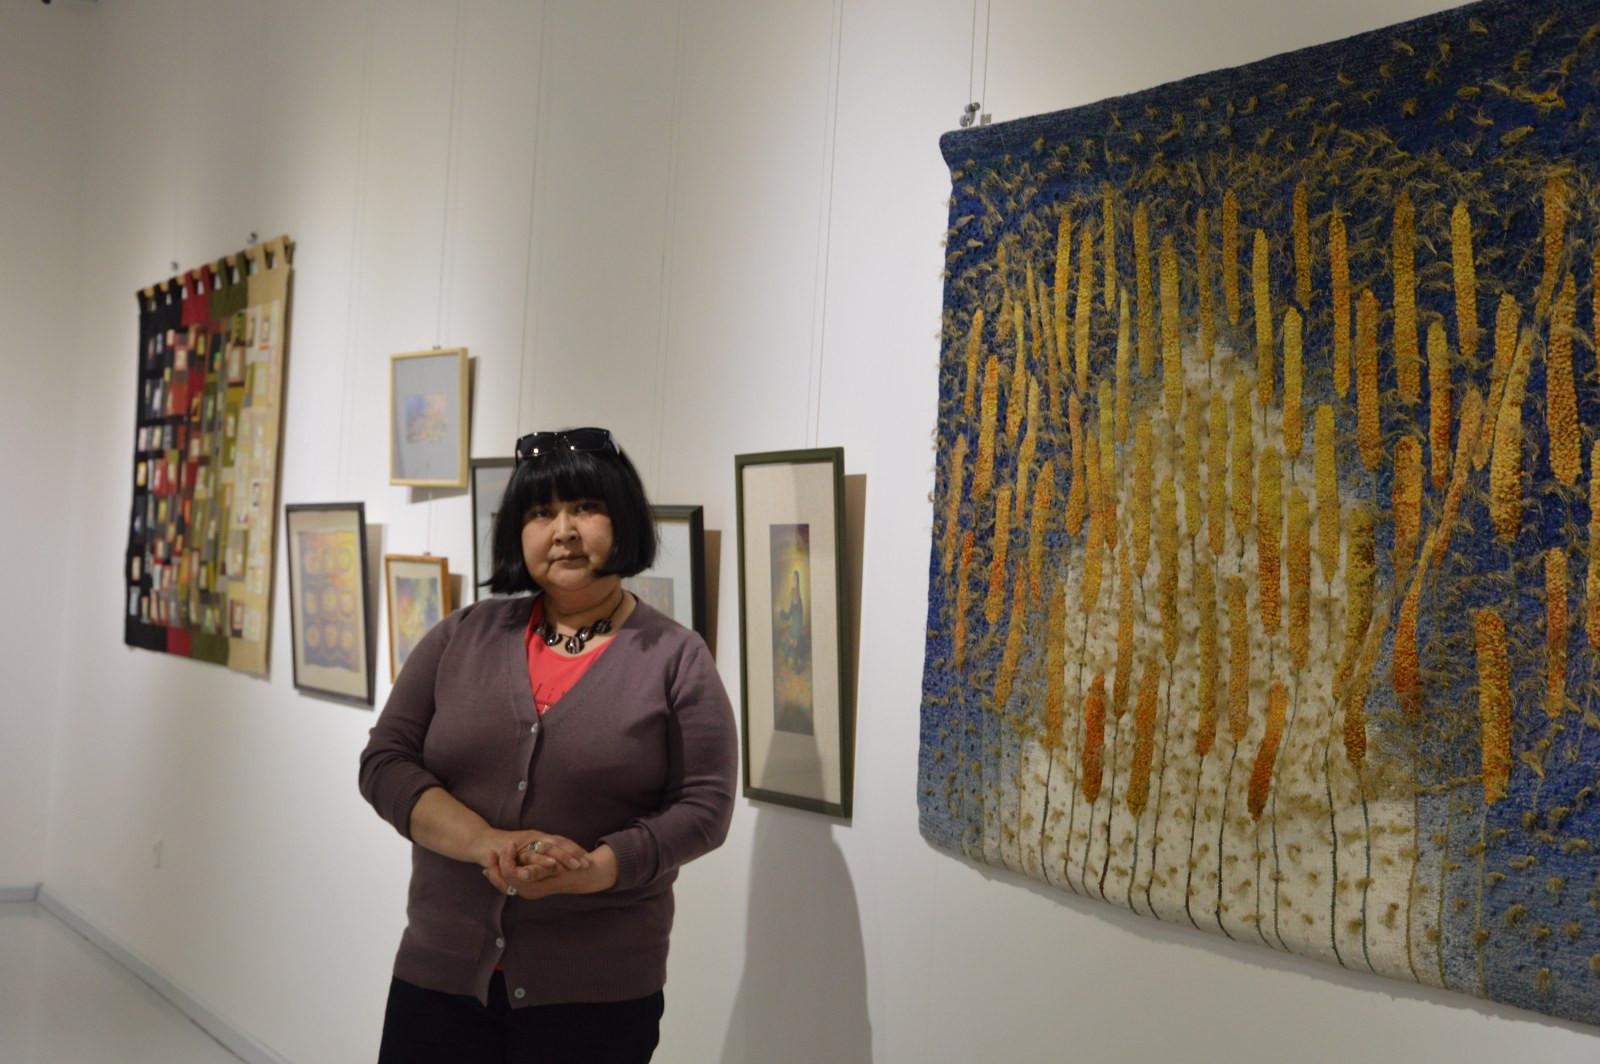 Türk Dünyasından Kadın Sanatçılar İstanbul'da Buluştu Galeri - 30. Resim